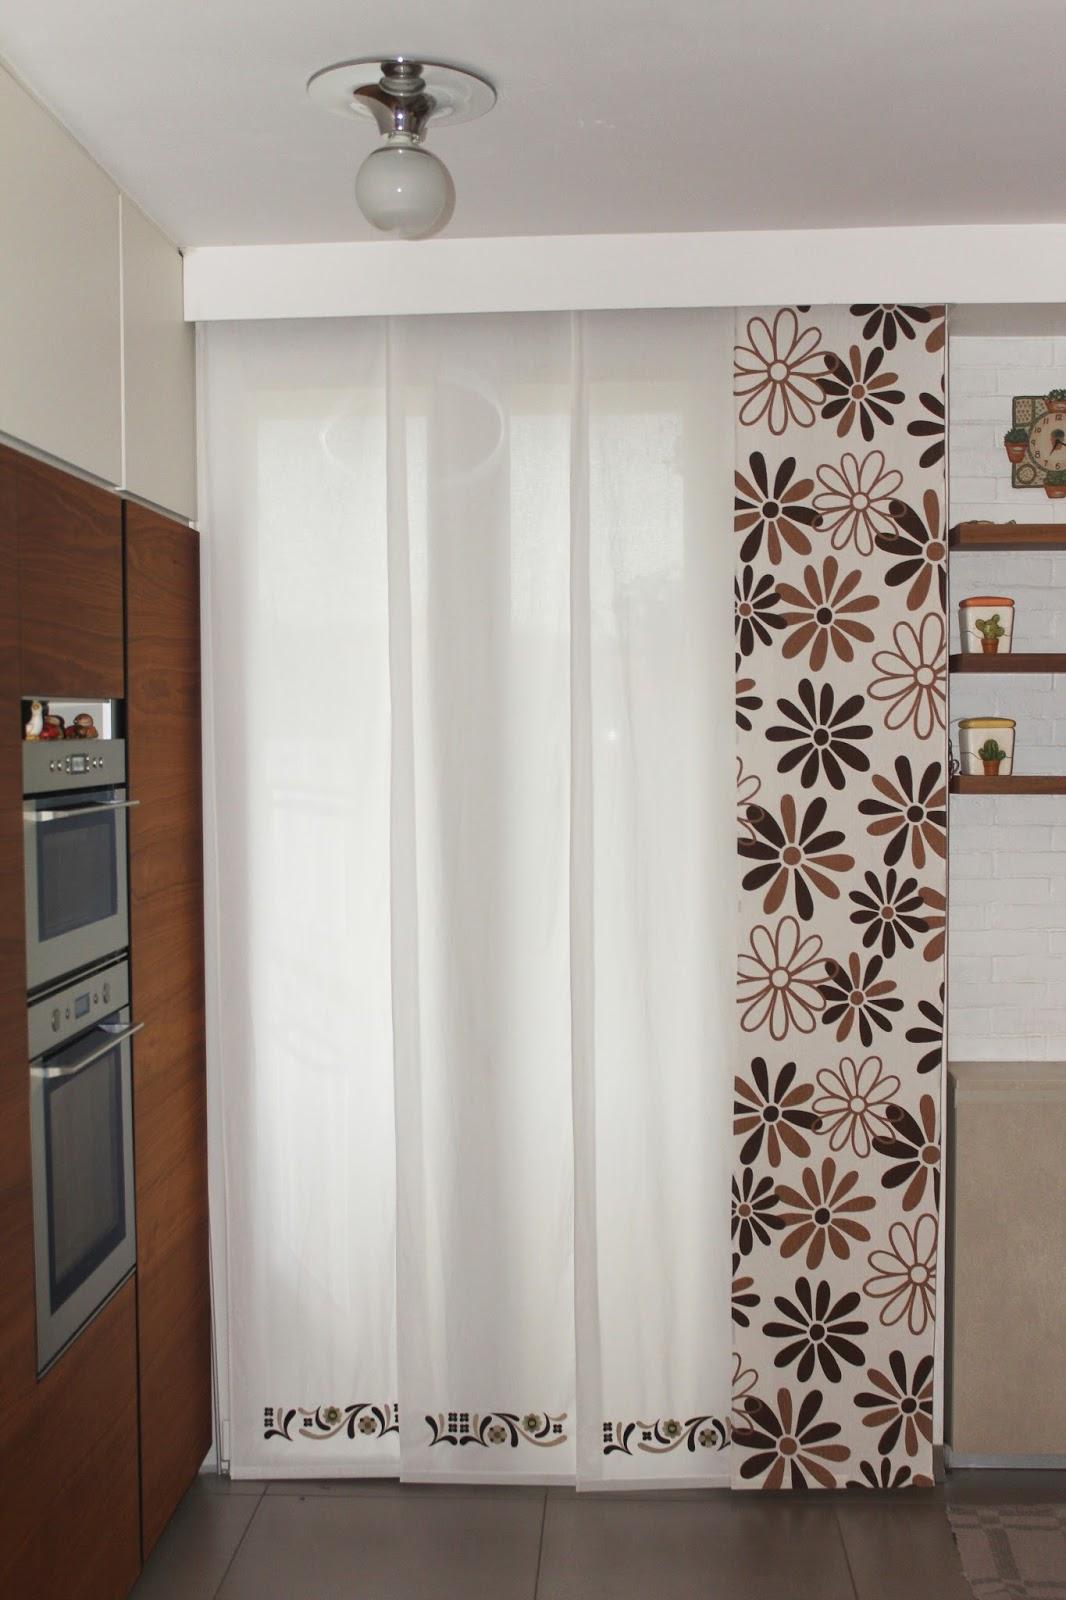 Binari tende a pannello in alluminio decorativi. Scuola Di Cucito Ispirazione Tende A Pannello Per Un Ambiente Moderno